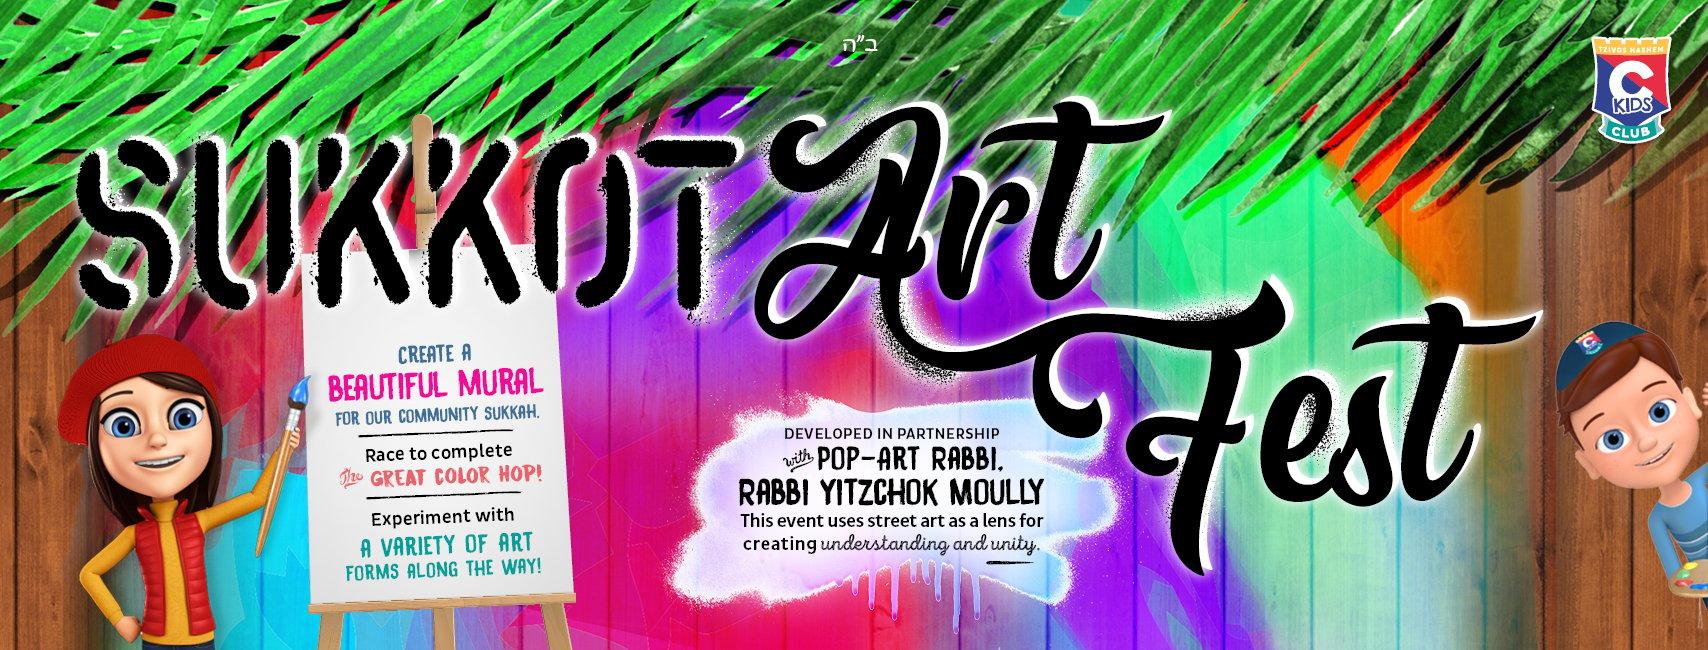 sukkot art fest banner.jpg